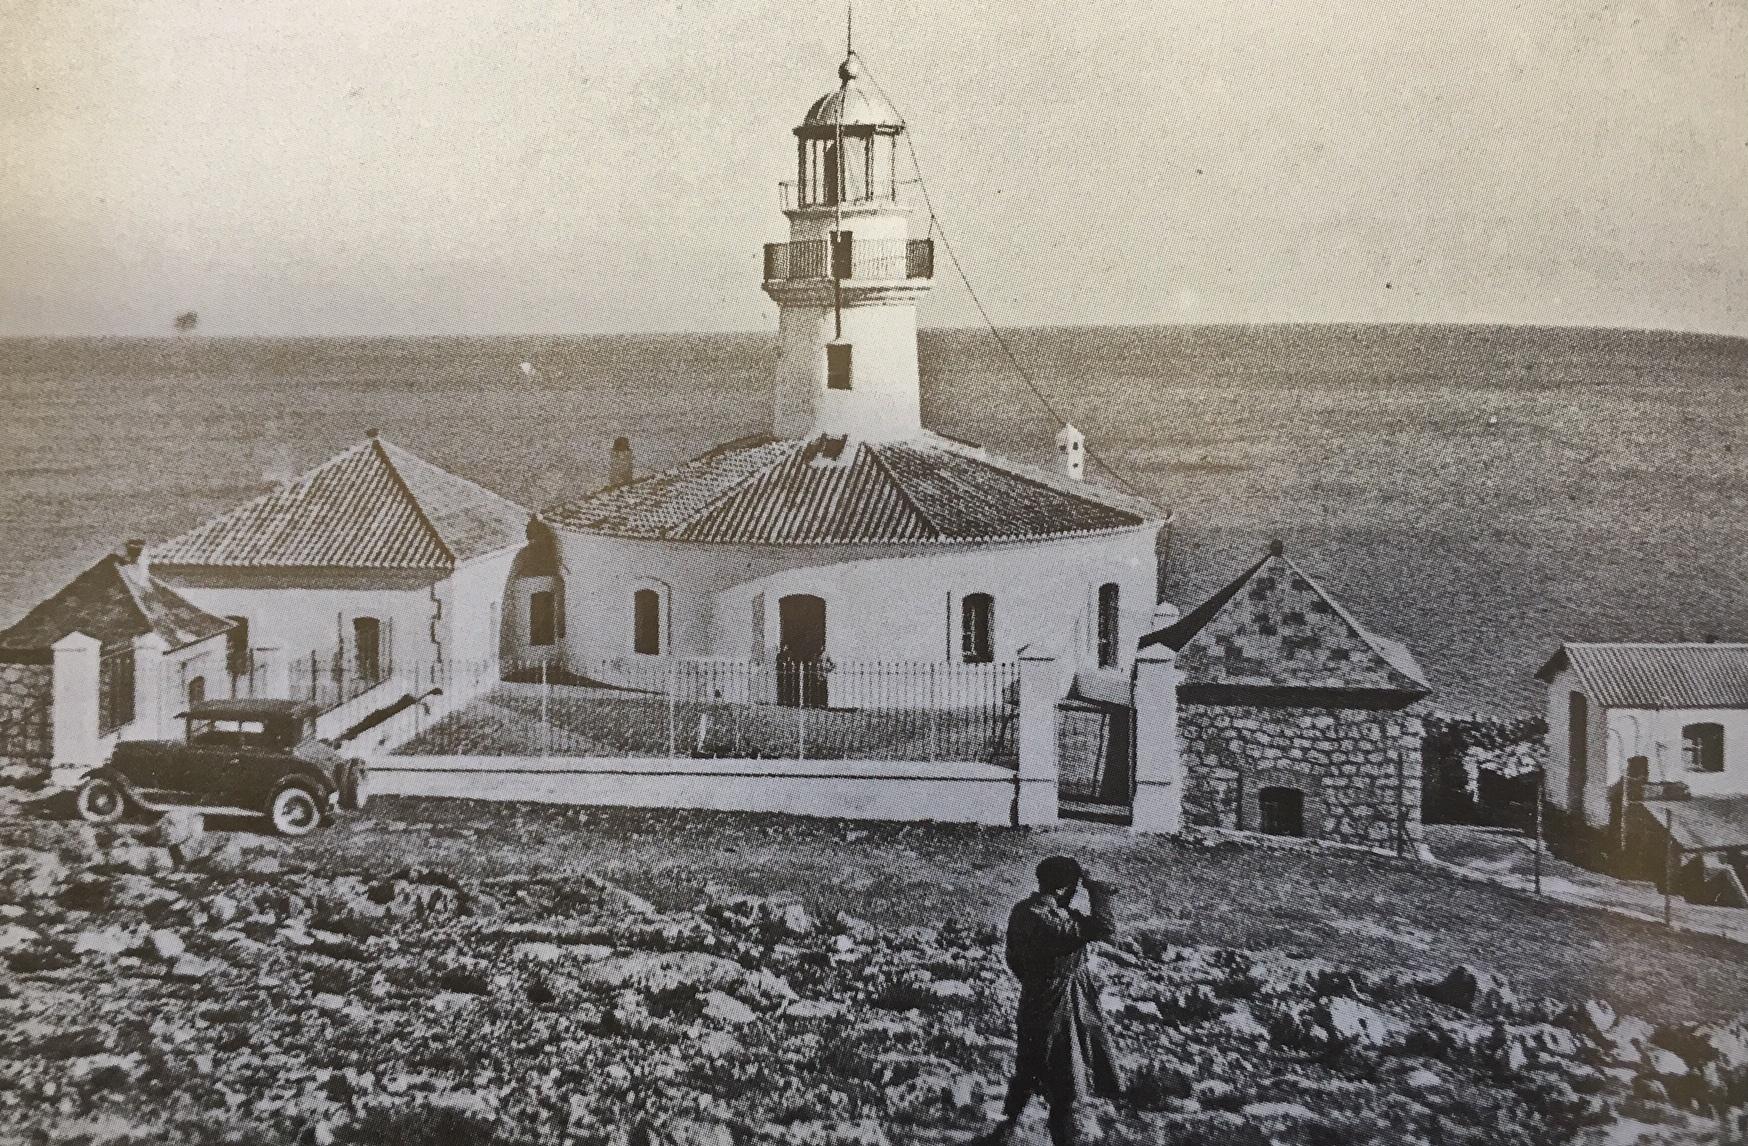 Vista del Faro de Cullera en una fotografía de principios de siglo XX